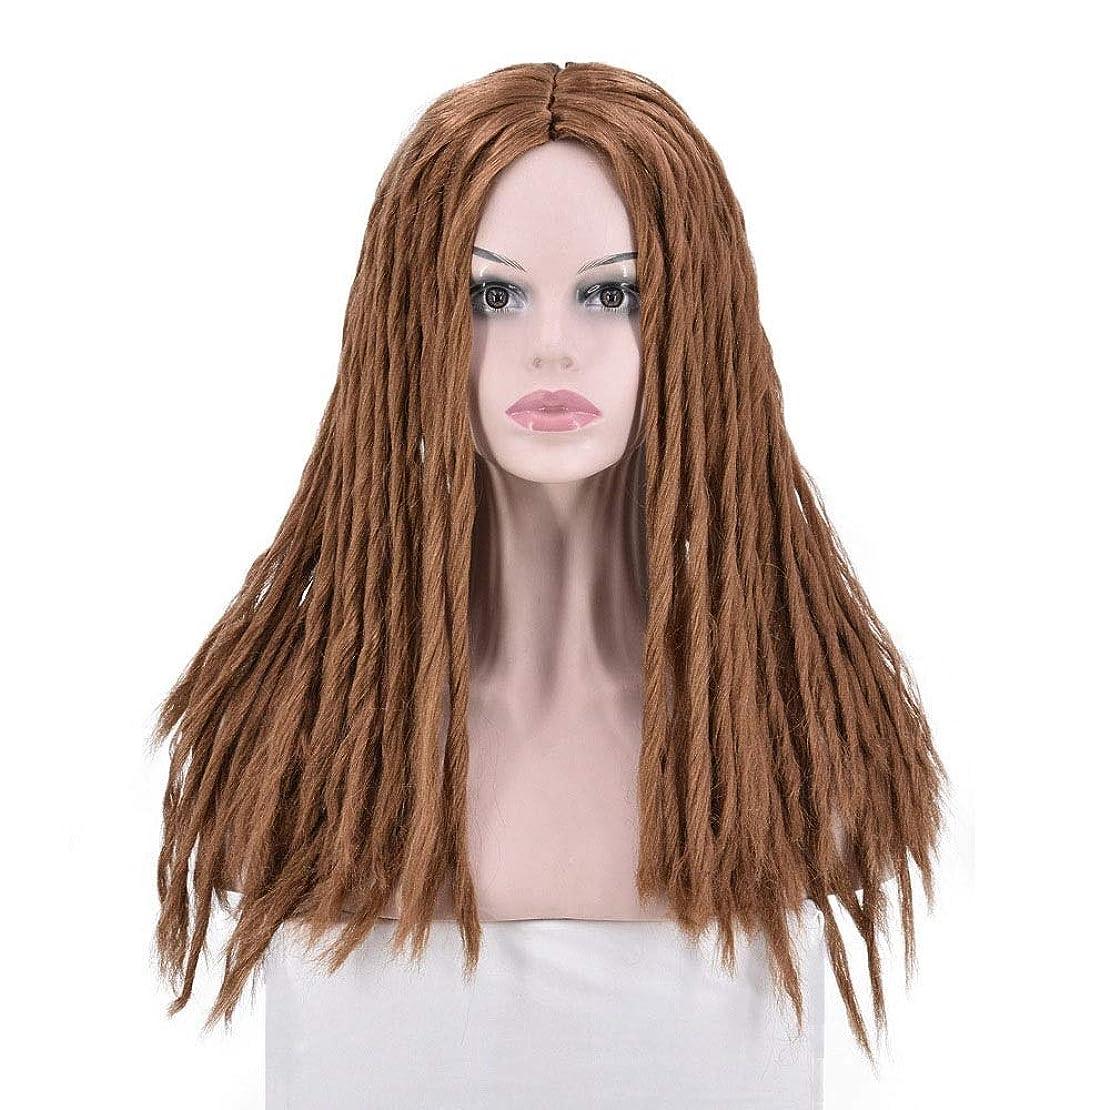 価値タウポ湖必要としているBOBIDYEE 編組かつら耐熱性繊維中央部毛髪交換のためのコスプレの女性のかつらレースのかつらロールプレイングかつら (色 : ブラウン)